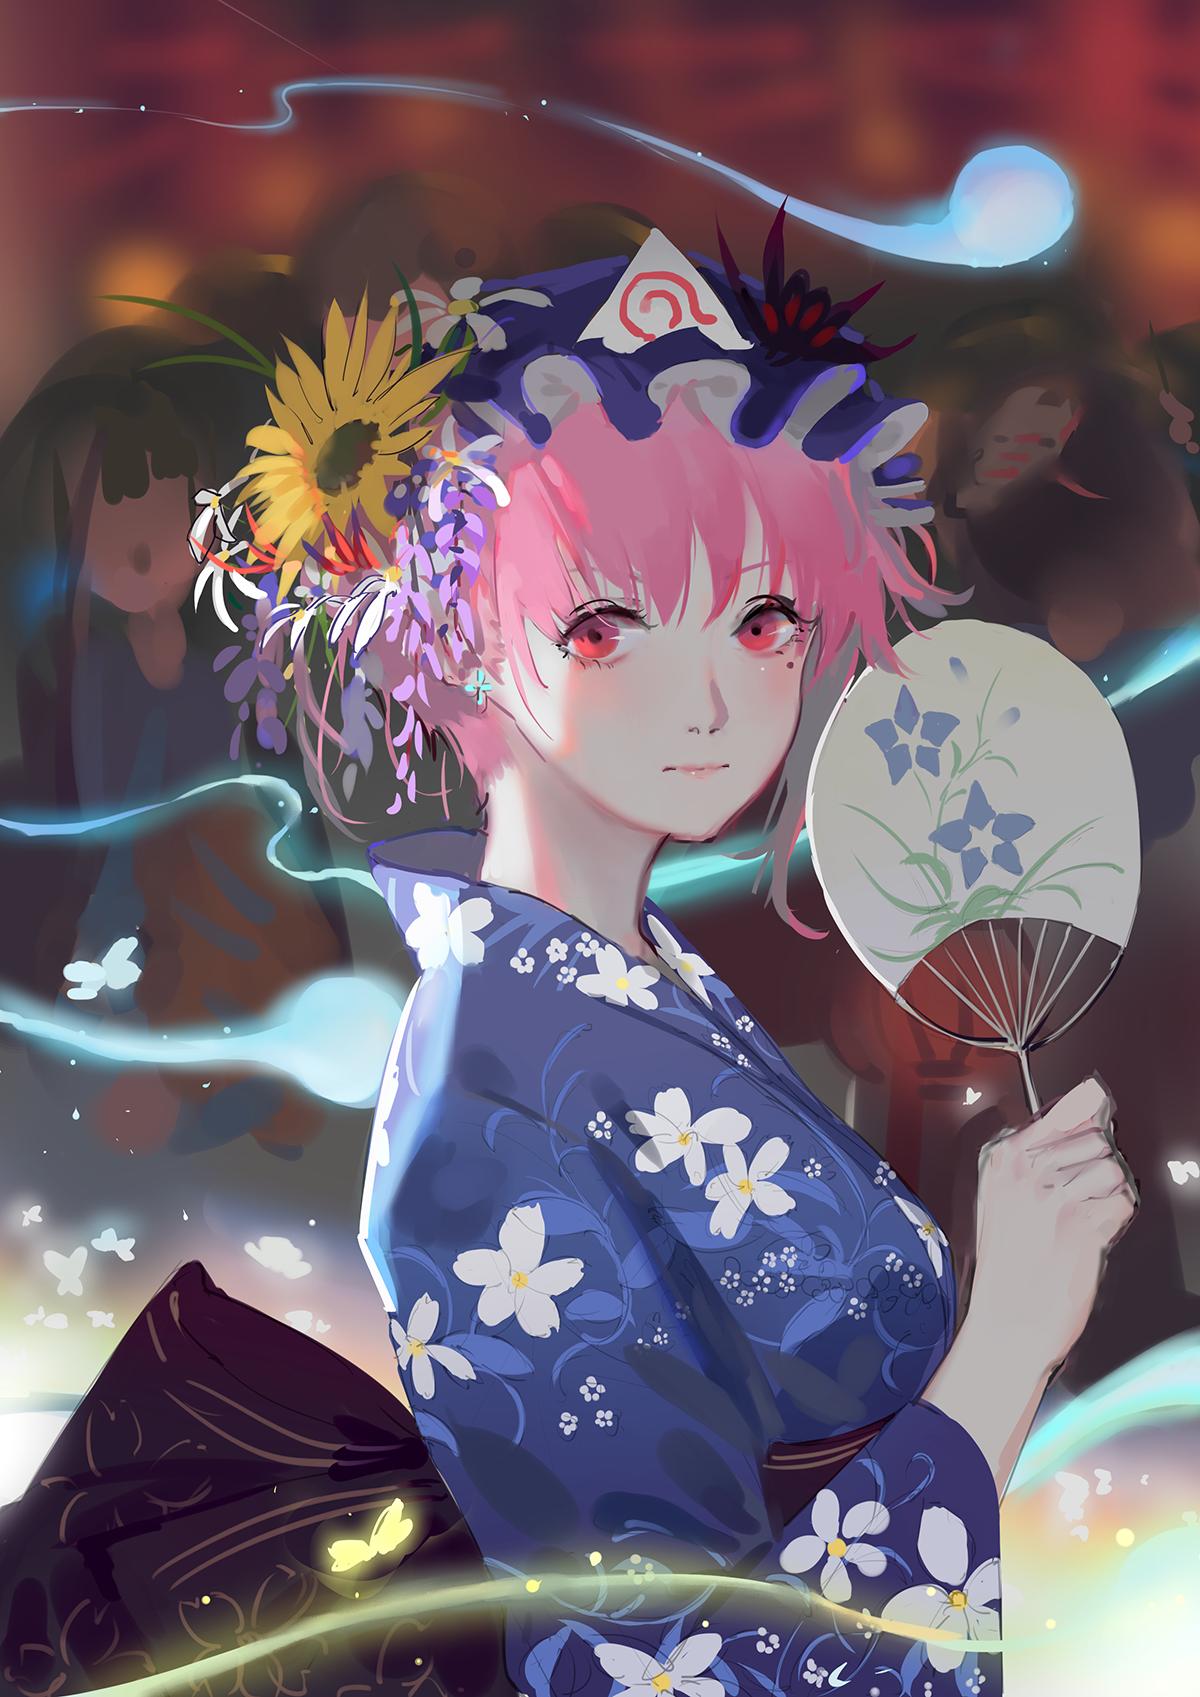 東方project 夏 Perfreezeのイラスト Anime Anime Wallpaper Art